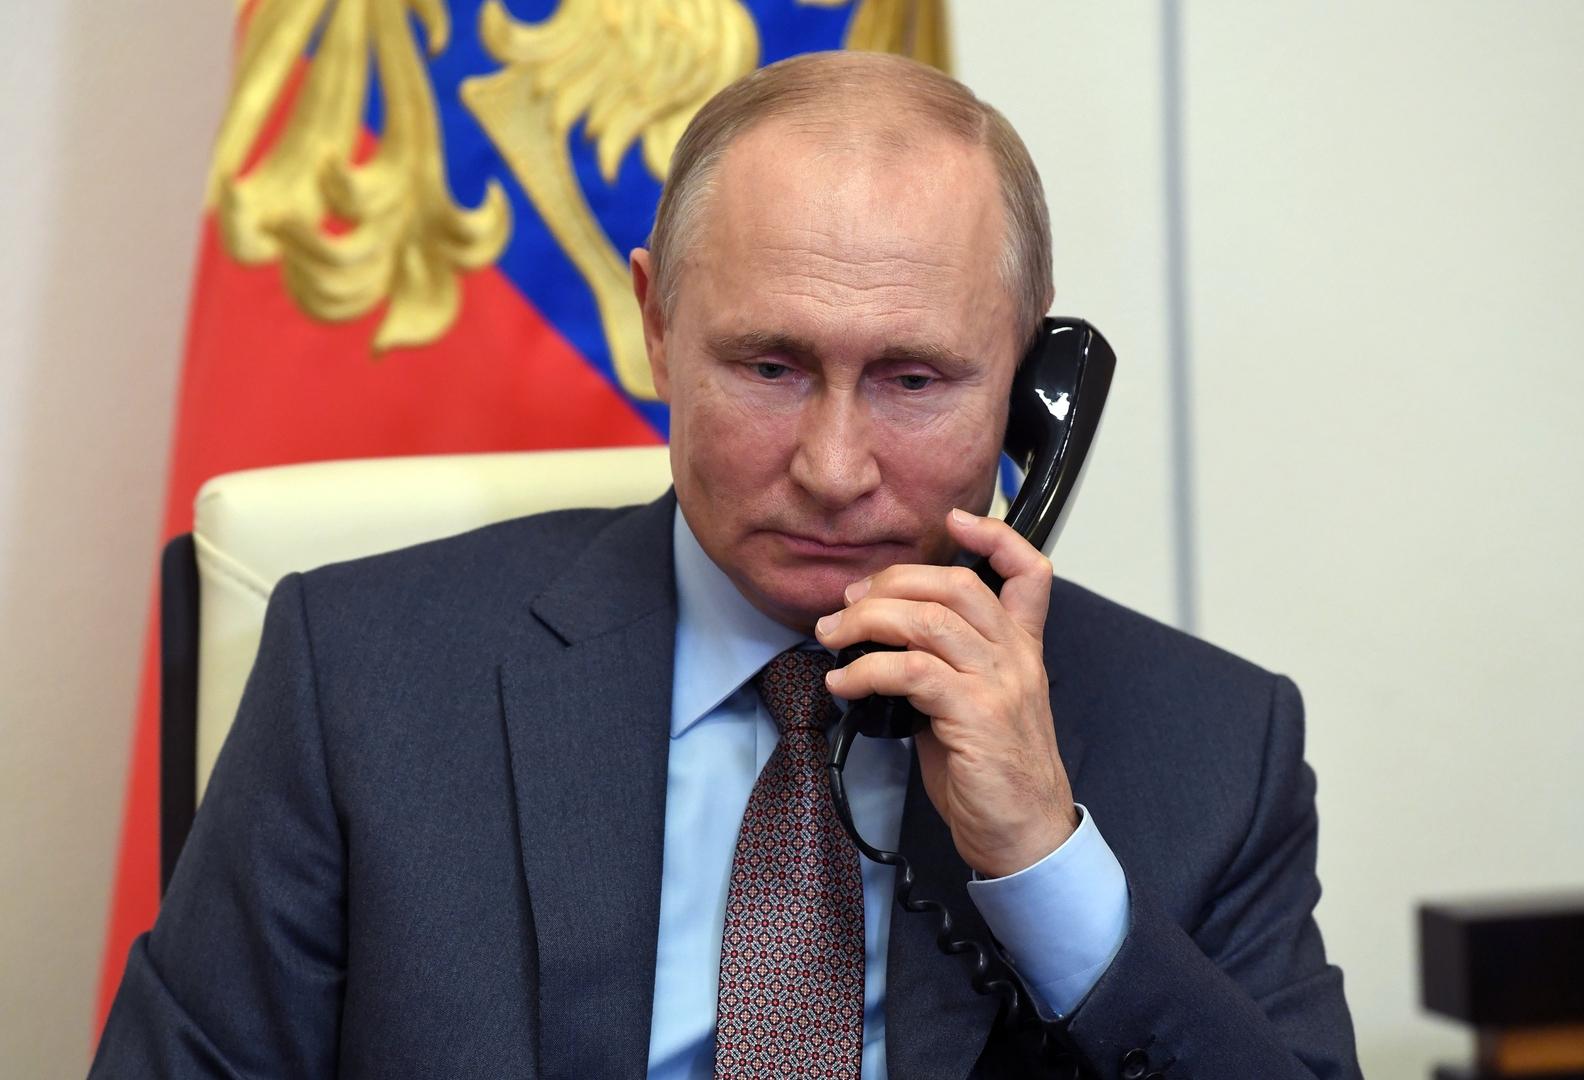 بوتين يؤكد استعداد روسيا للتعاون مع ألمانيا في محاربة كورونا